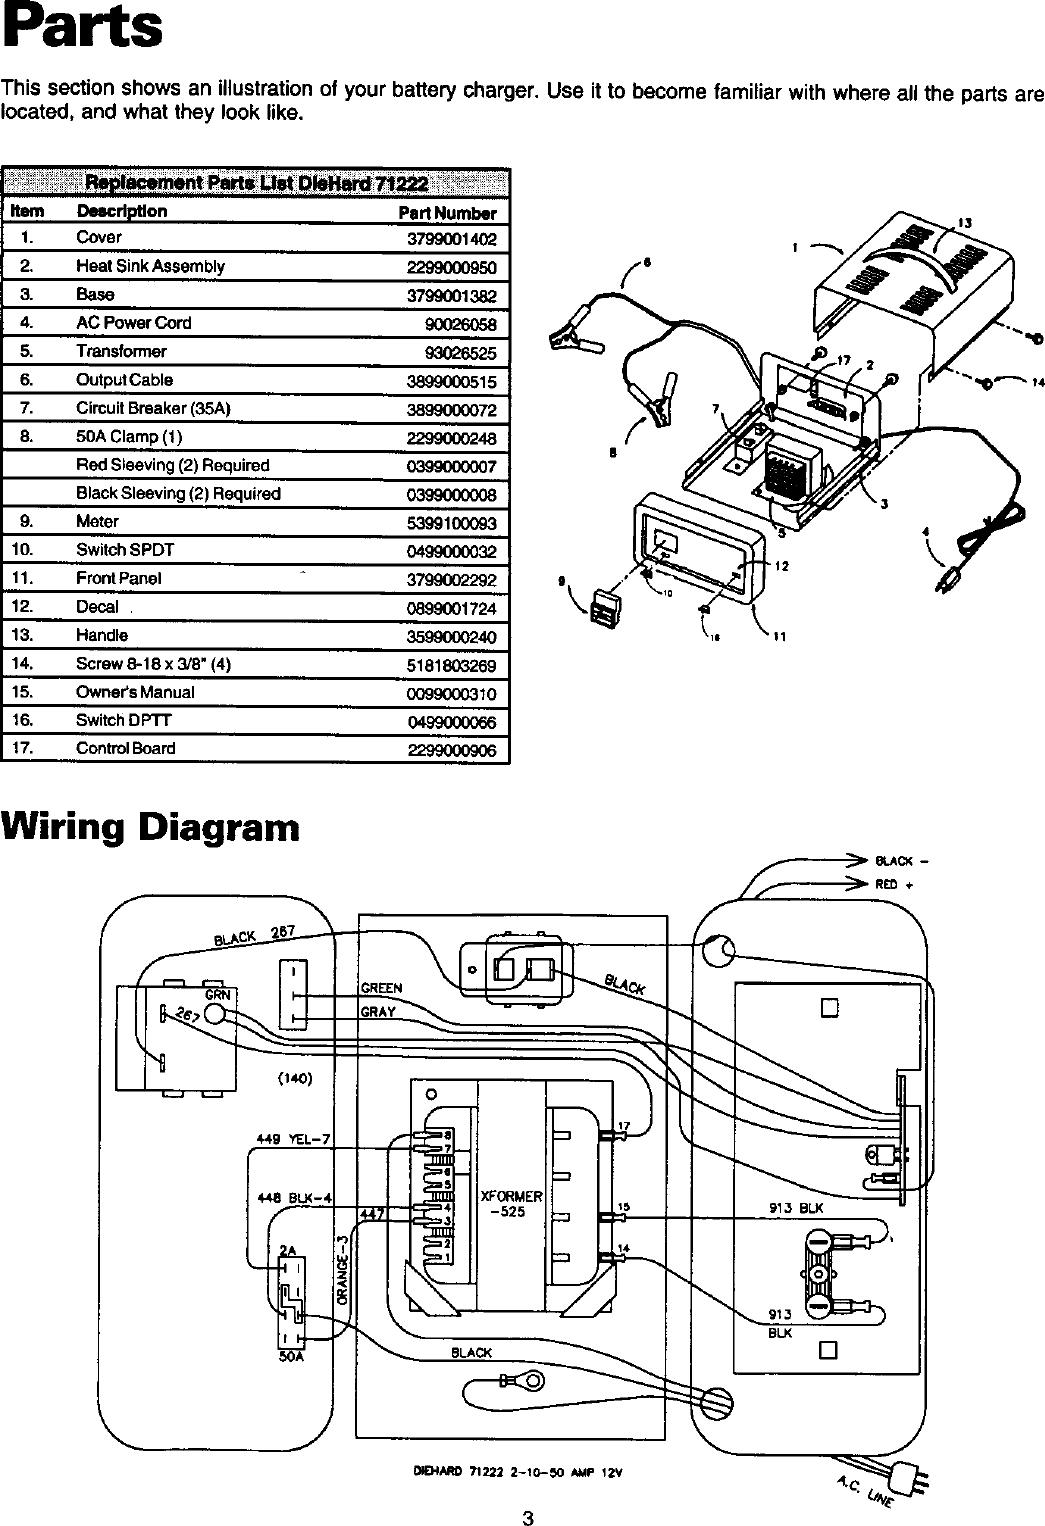 diehard 200 71222 owners manual manualslib makes it easy